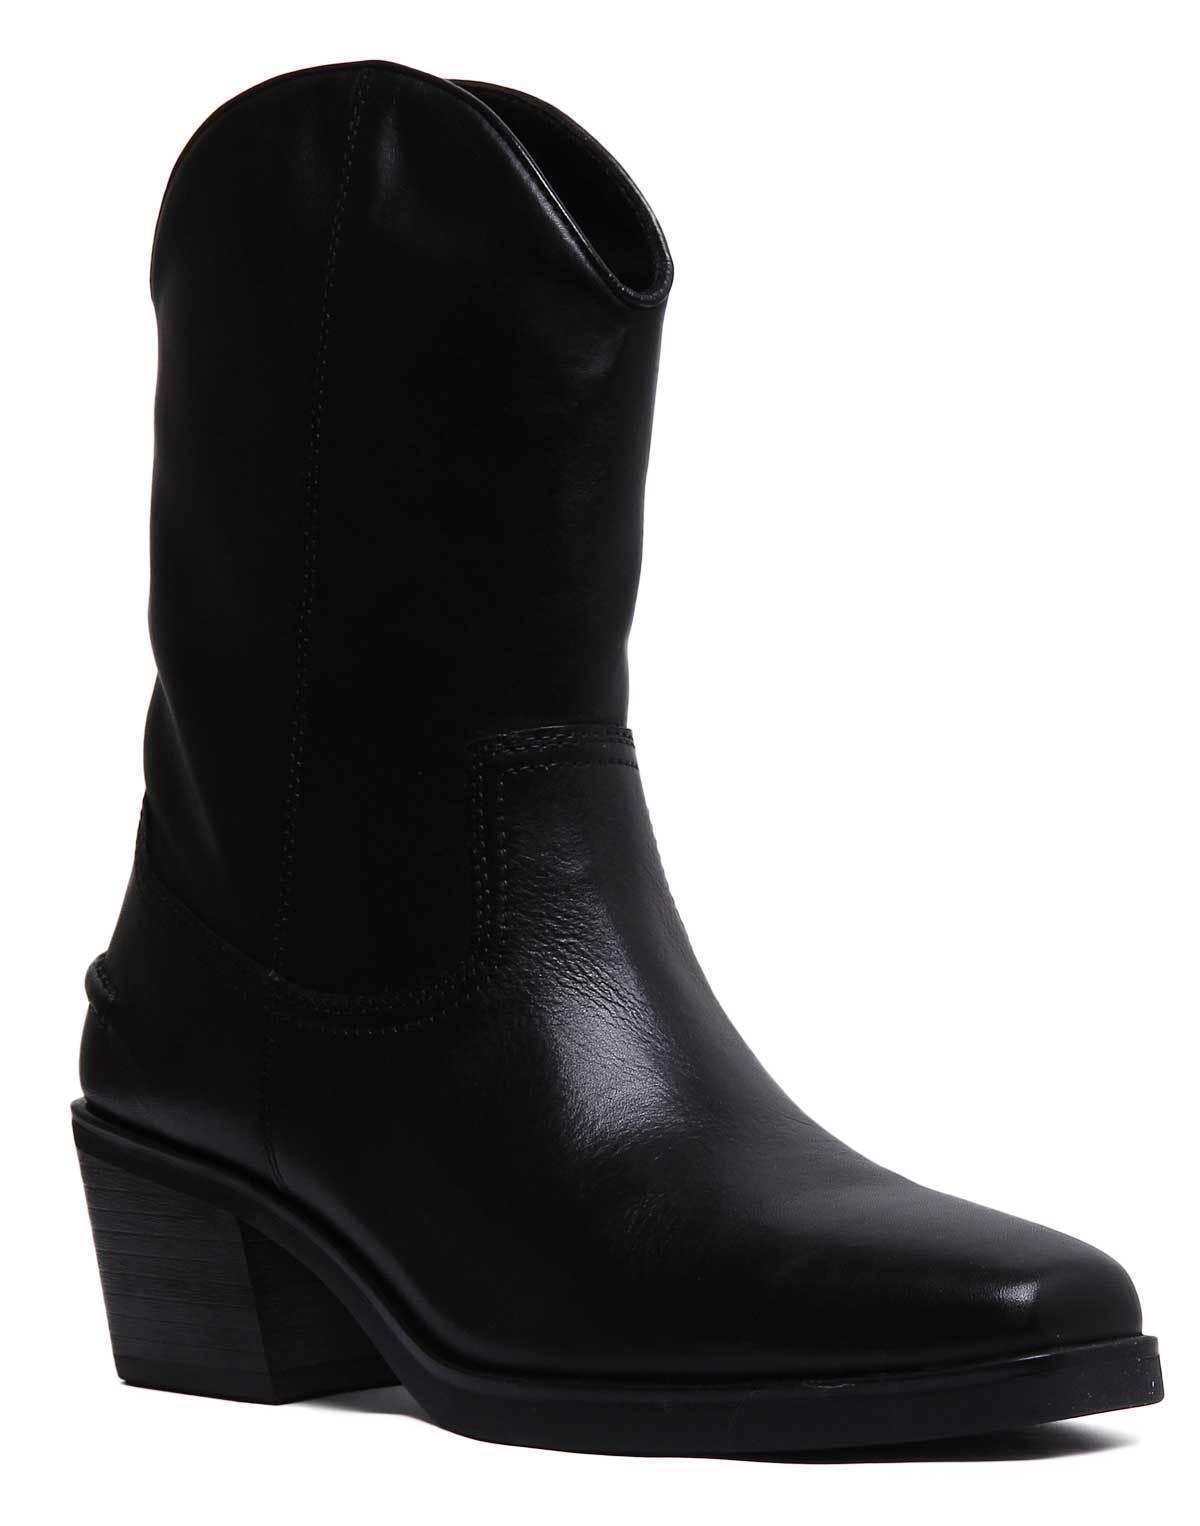 Vagabond Simone Femme Cuir Noir Bottes Western Taille UK 3 - 8